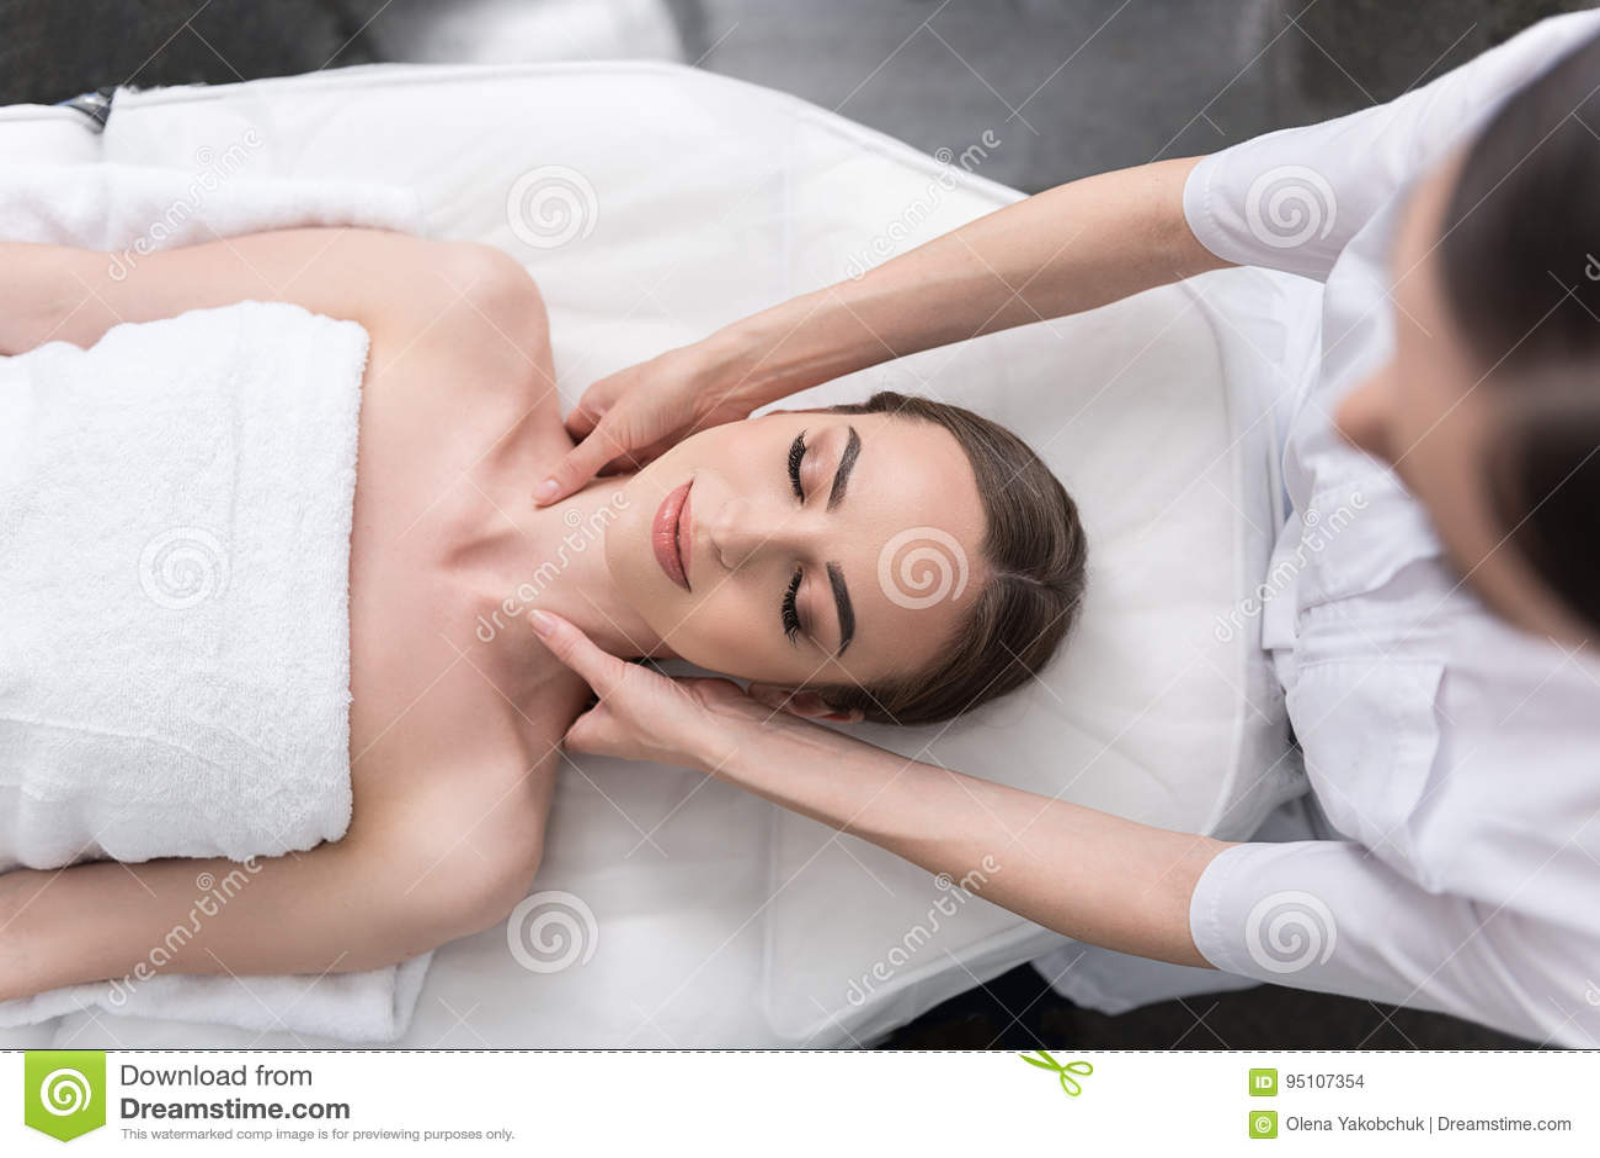 Девушка делает массаж сверху индивидуалки пафос